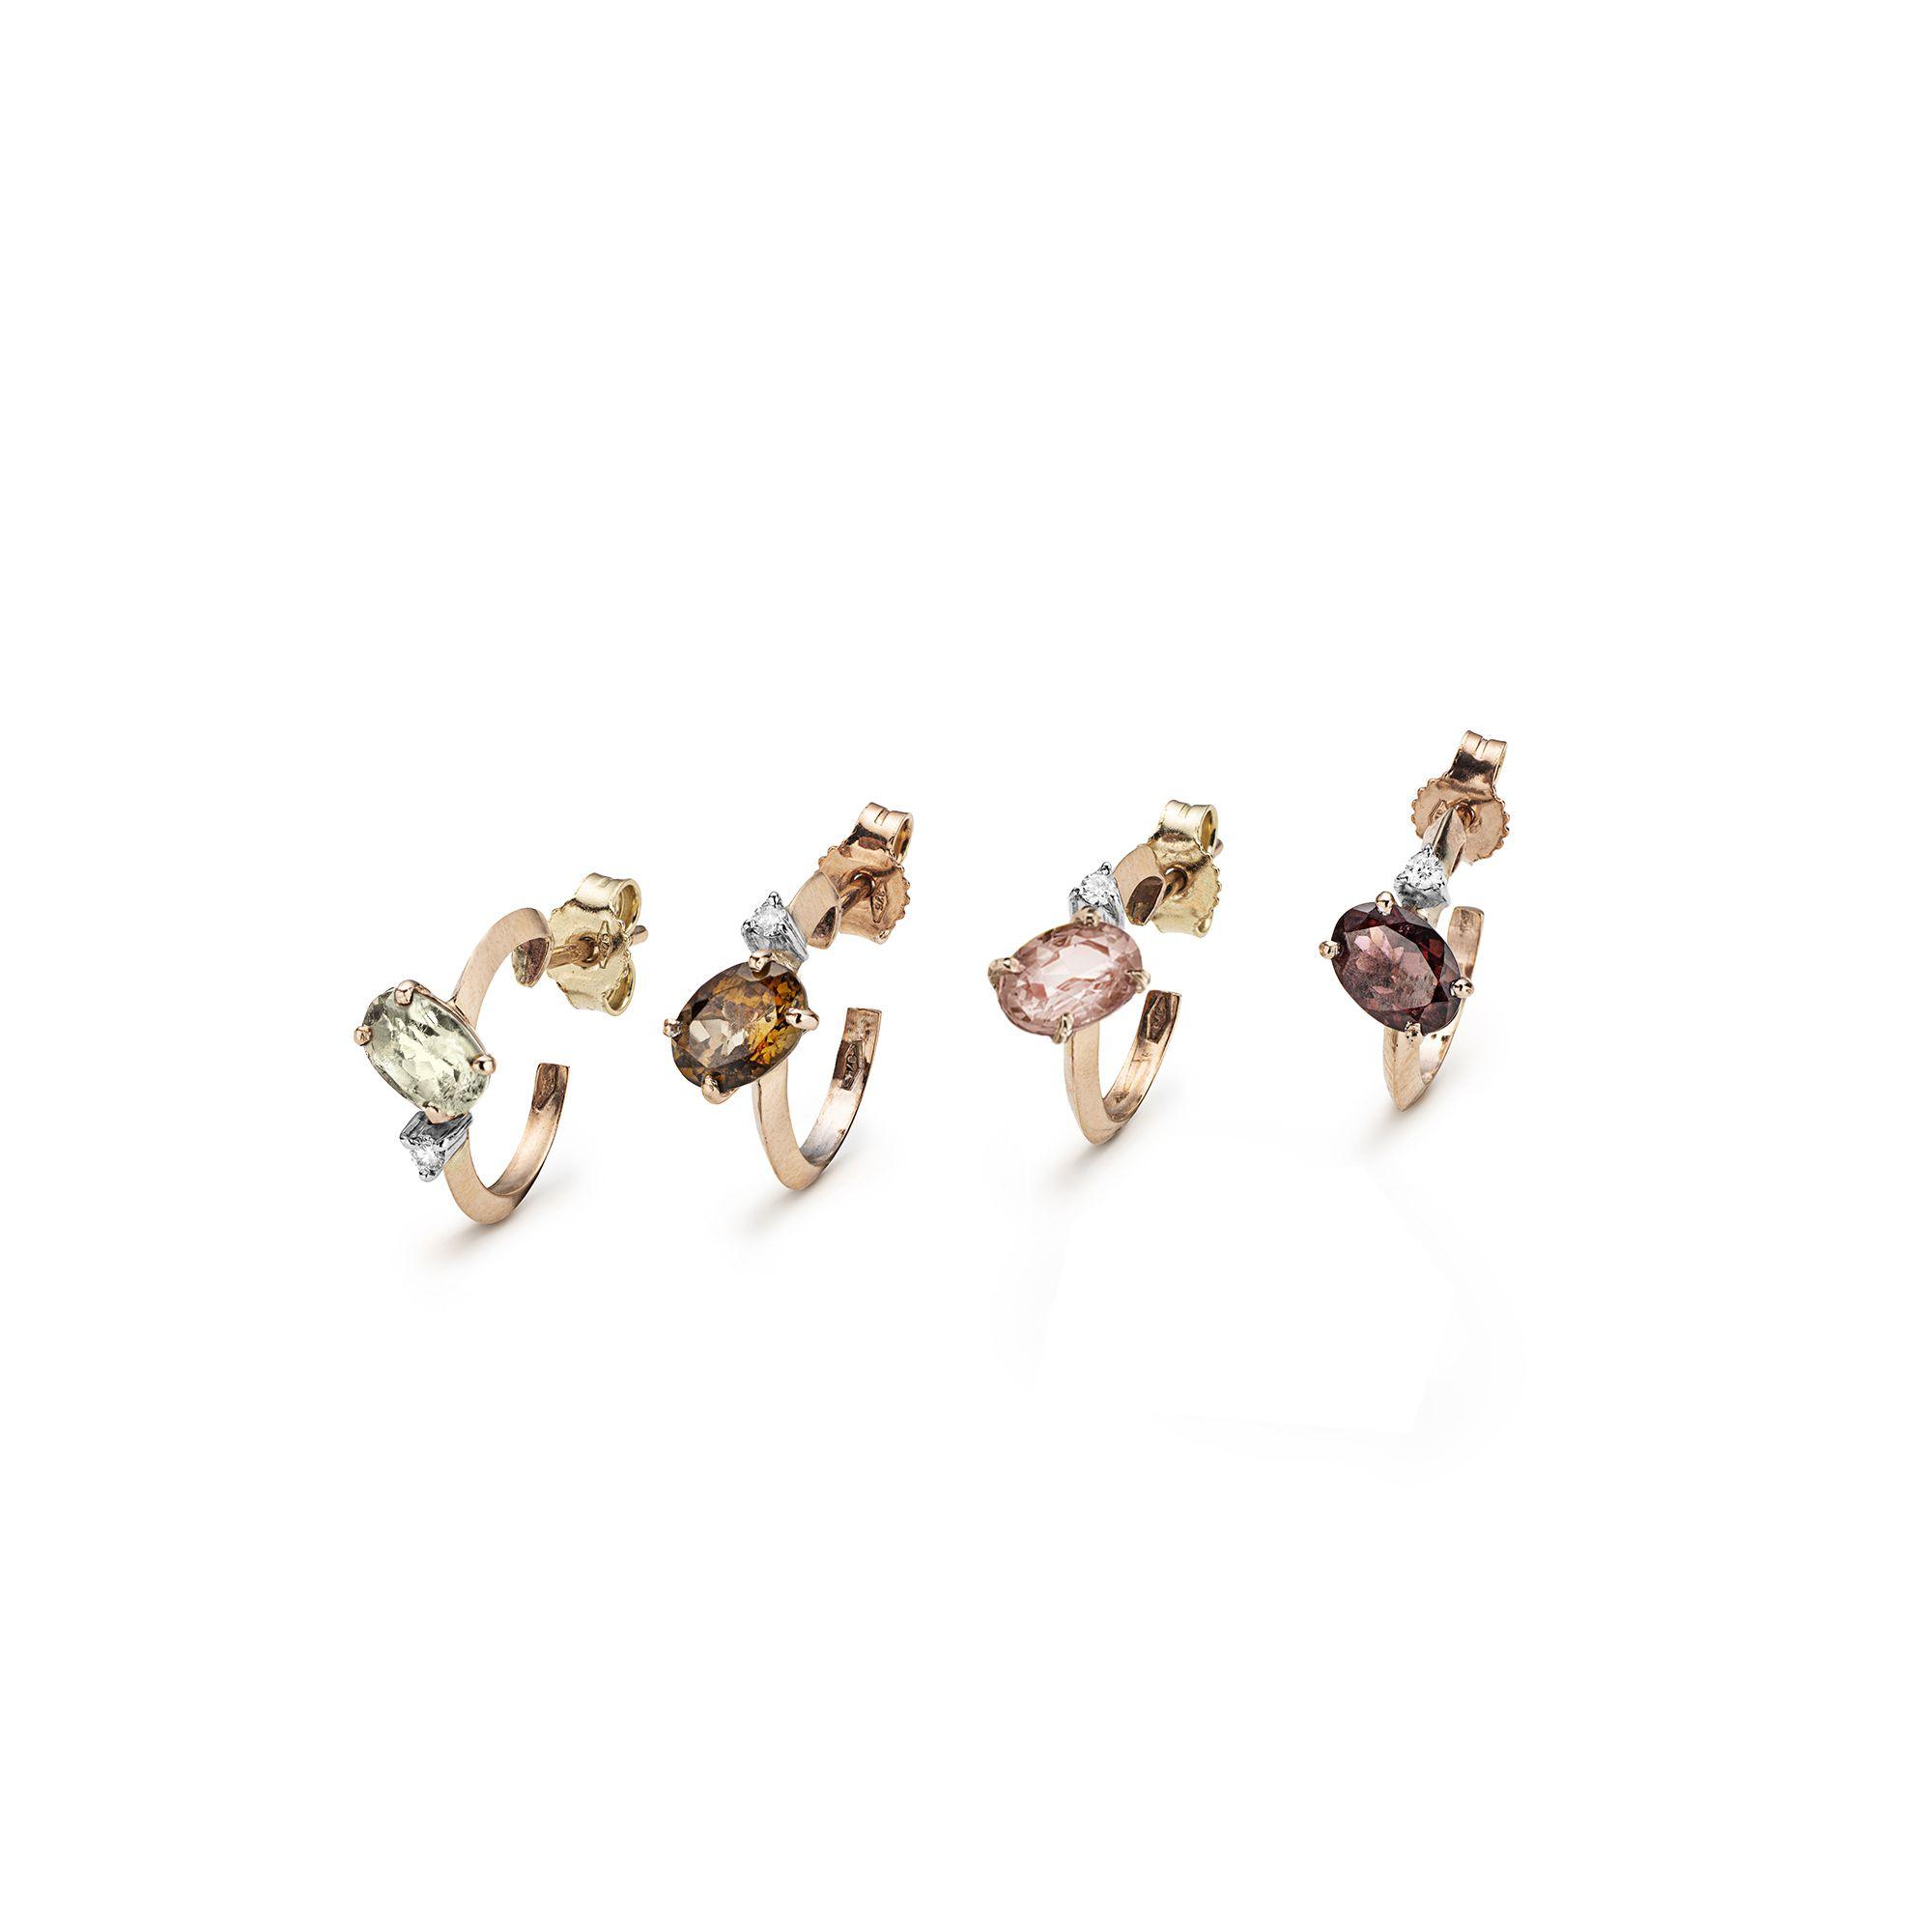 Set di quattro cerchietti 'Balance' con tormaline Orecchini in oro rosa, diamanti bianchi e tormaline di colori mix